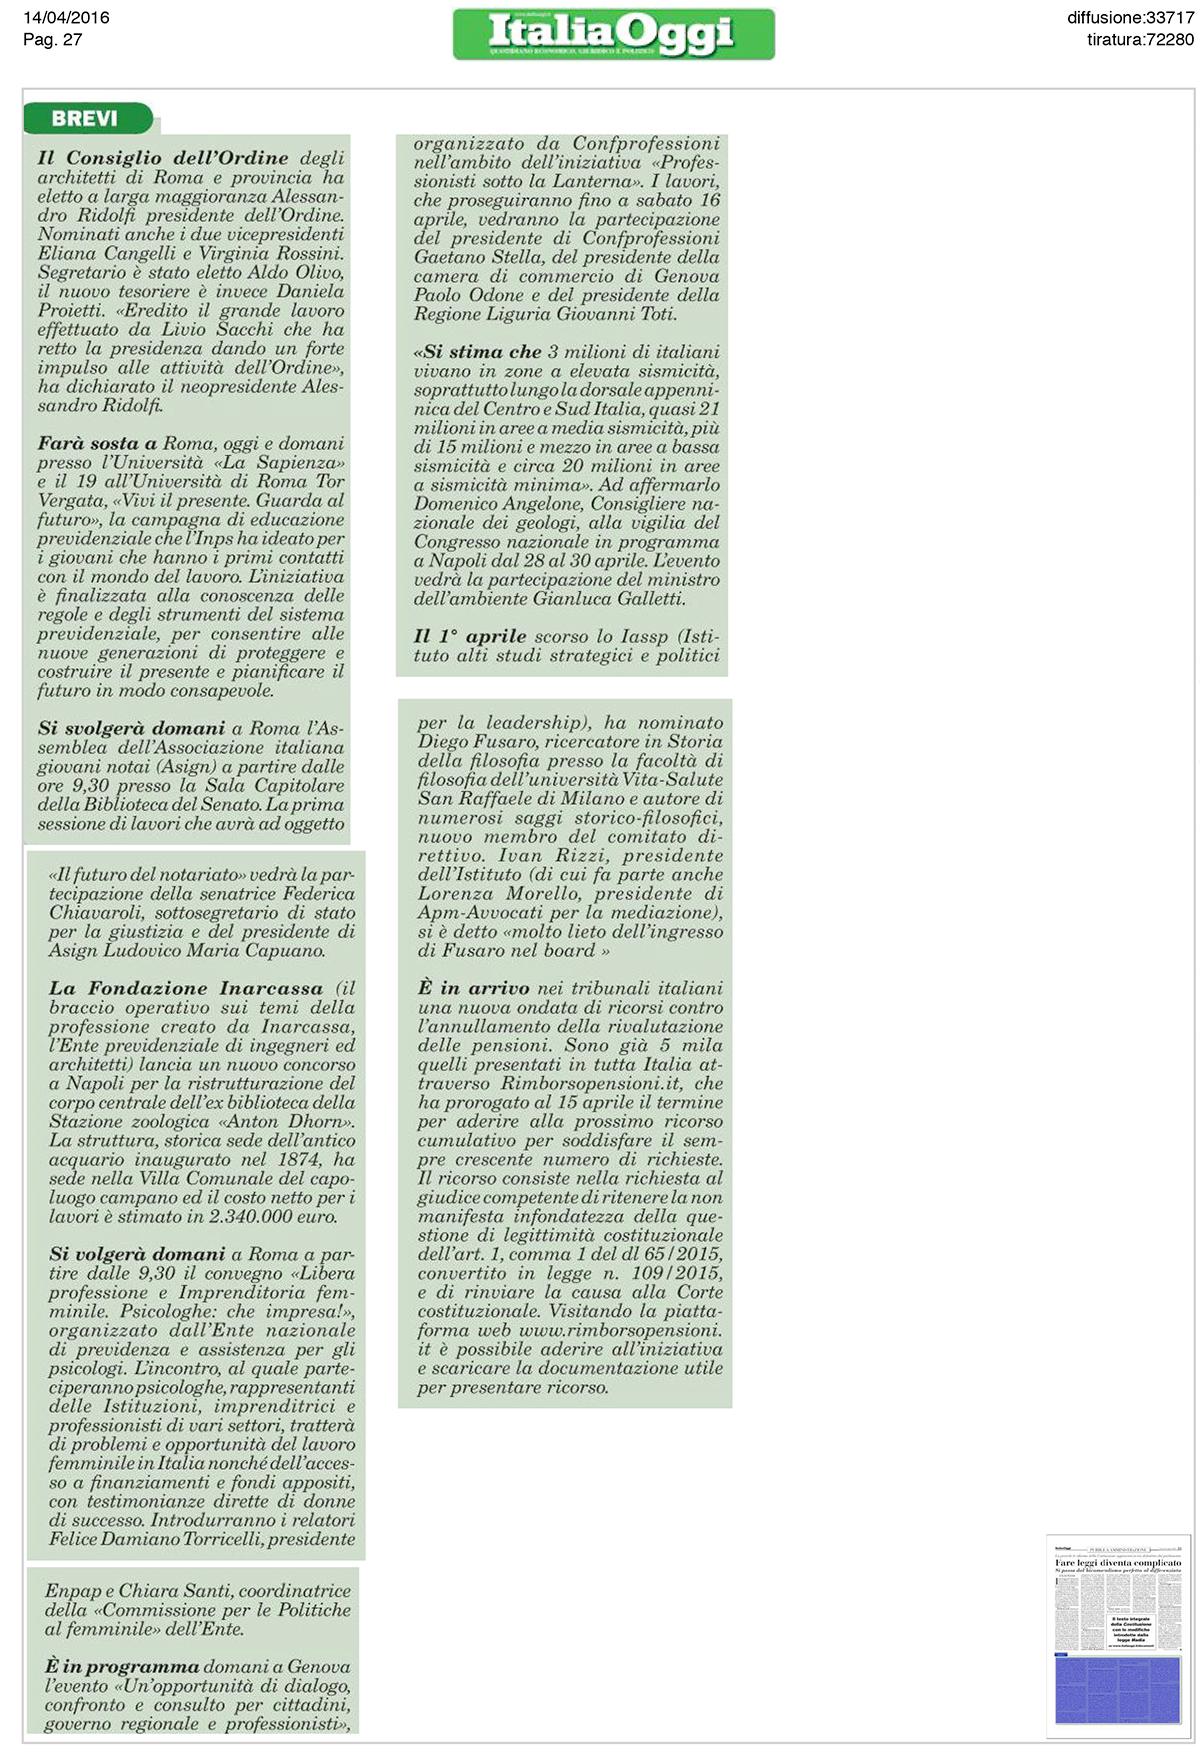 Articolo su Italia Oggi